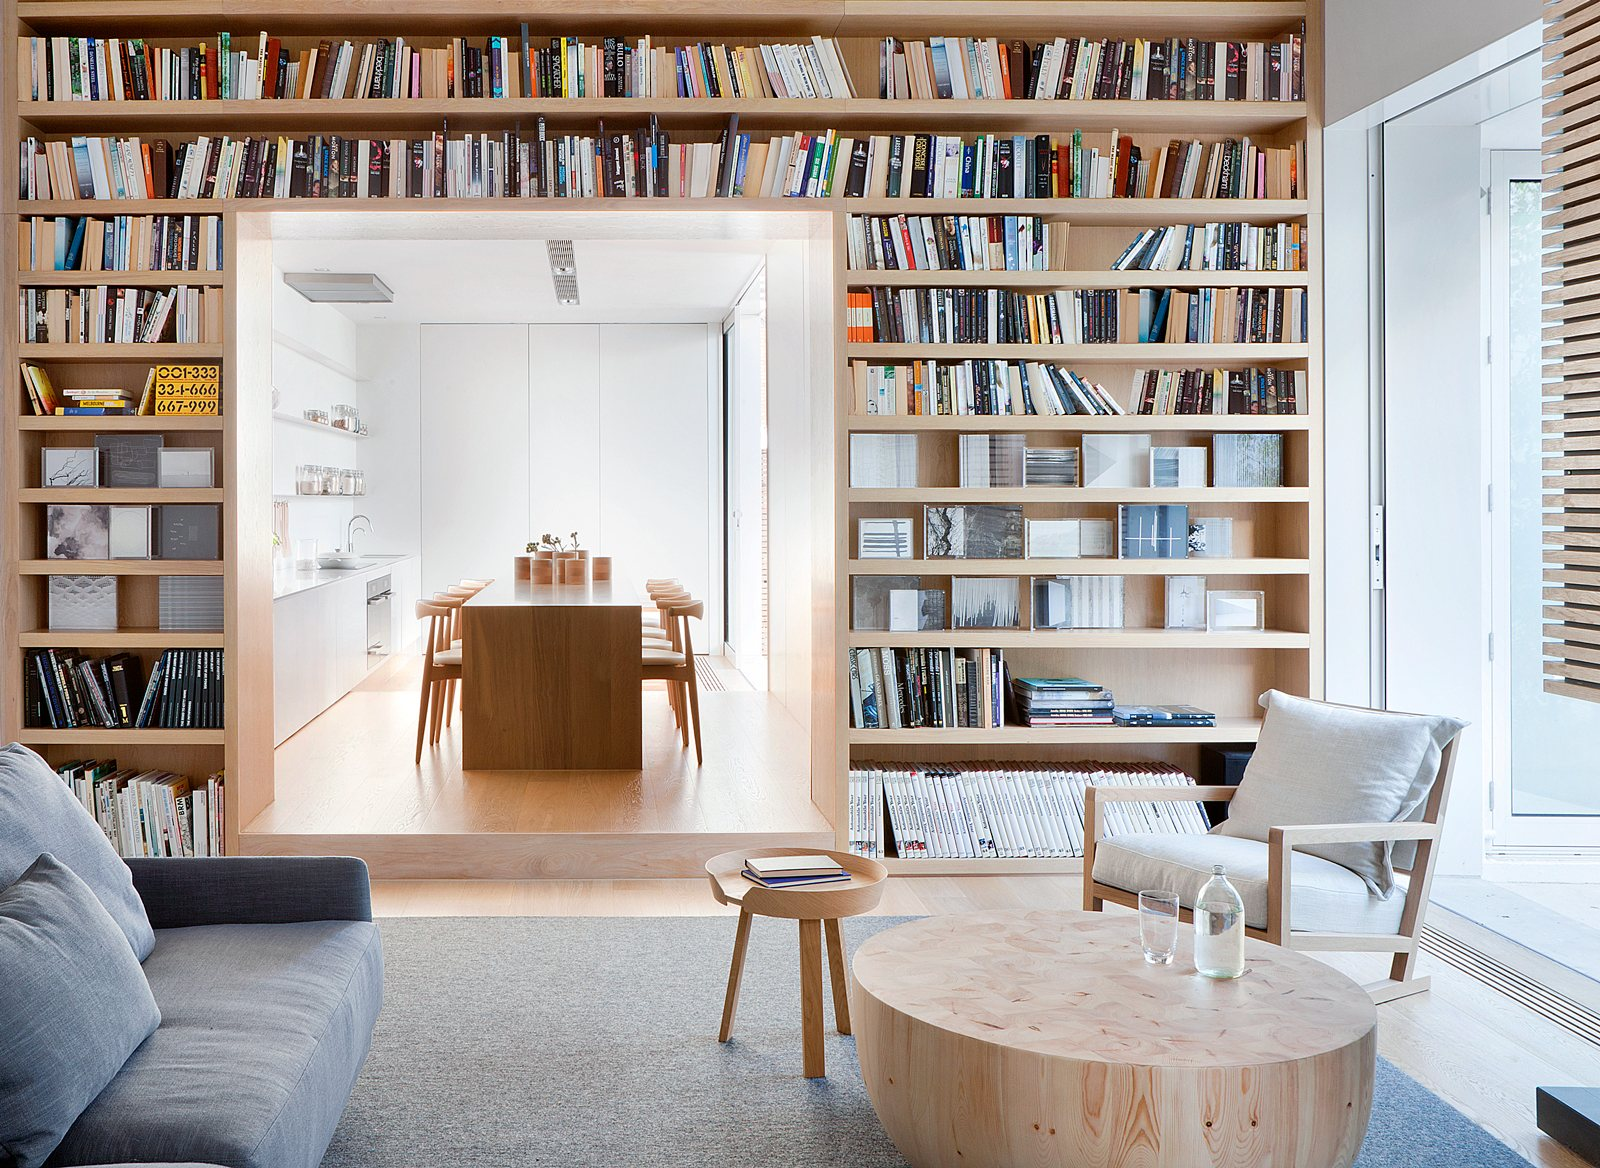 Decoraci n de un interior contempor neo y minimalista con - Casa minimalista interior ...